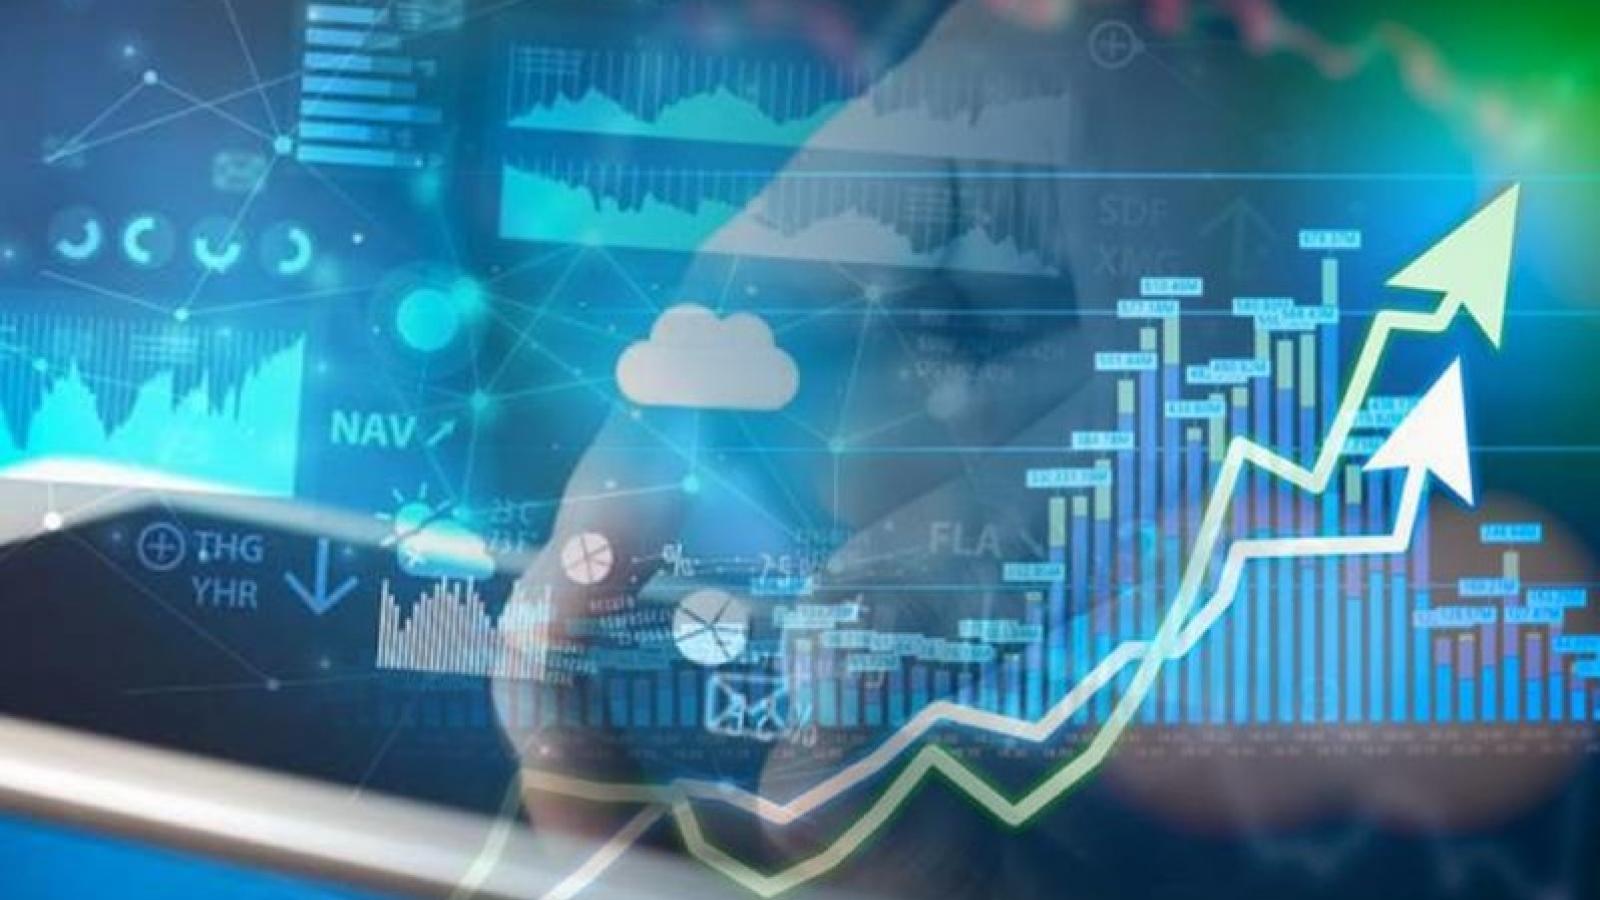 Thị trường chứng khoán Việt dự báo sẽ khởi sắc hơn trong tuần tới